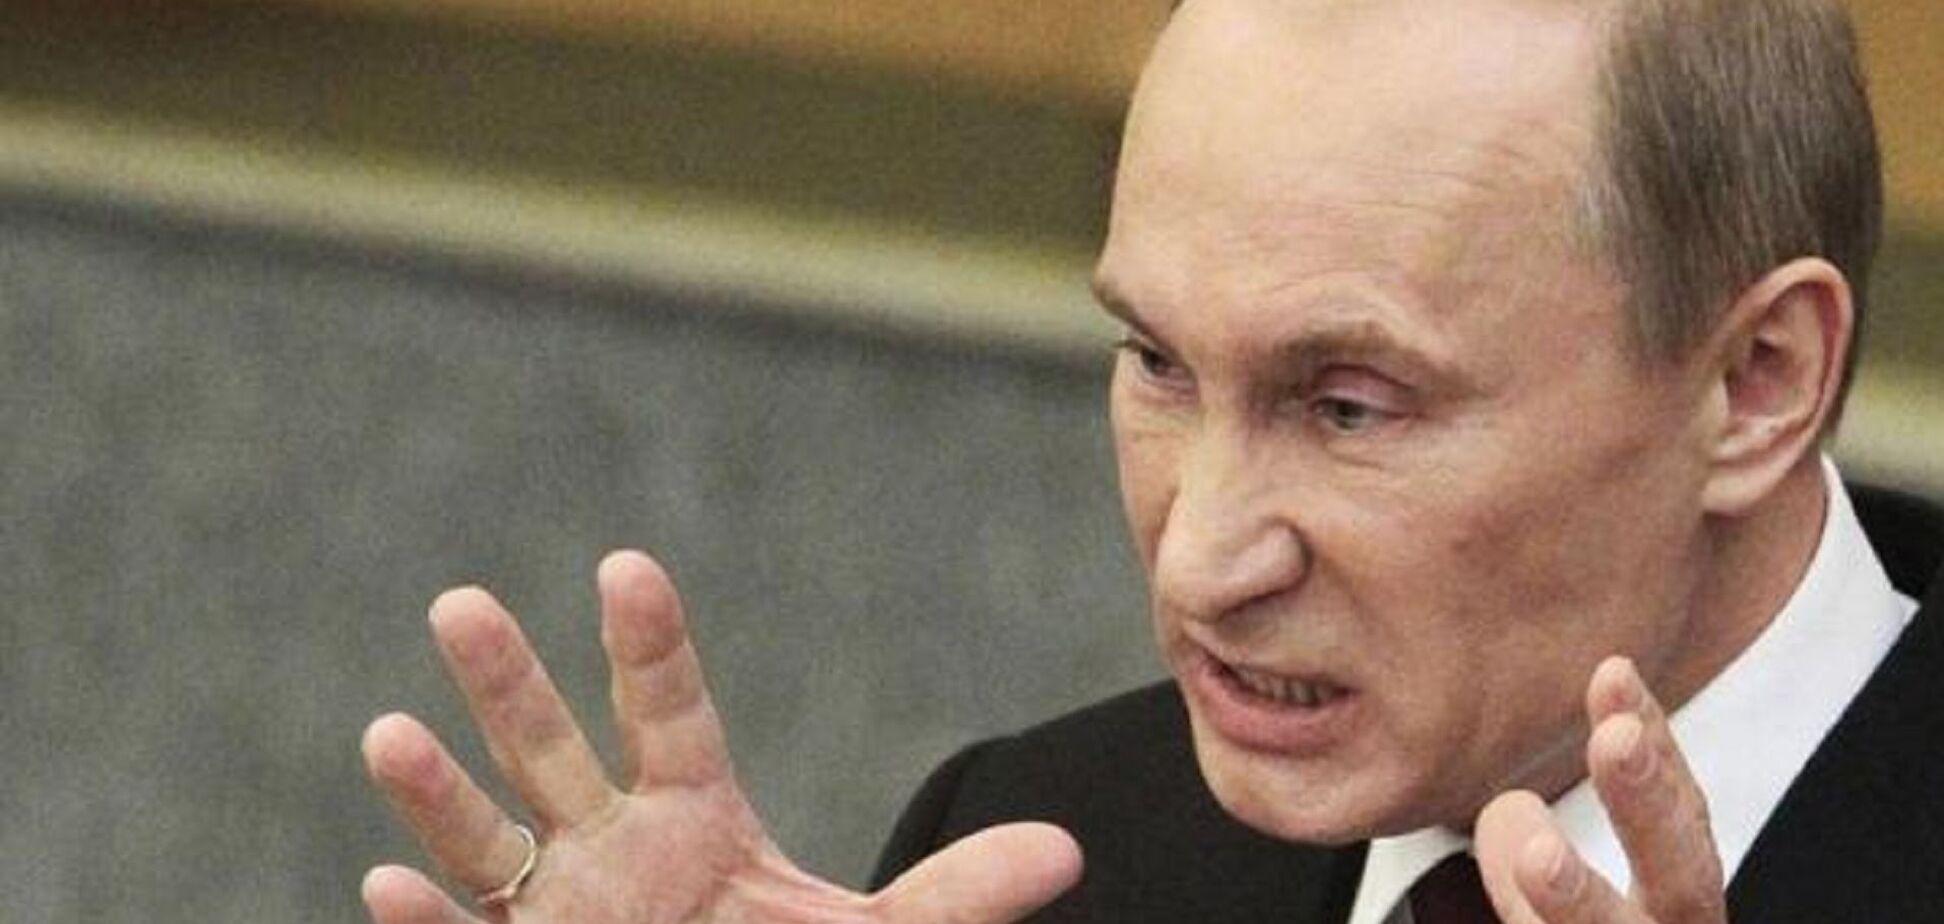 Вторжение Путина в Украину - начало реванша за проигранную Третью мировую